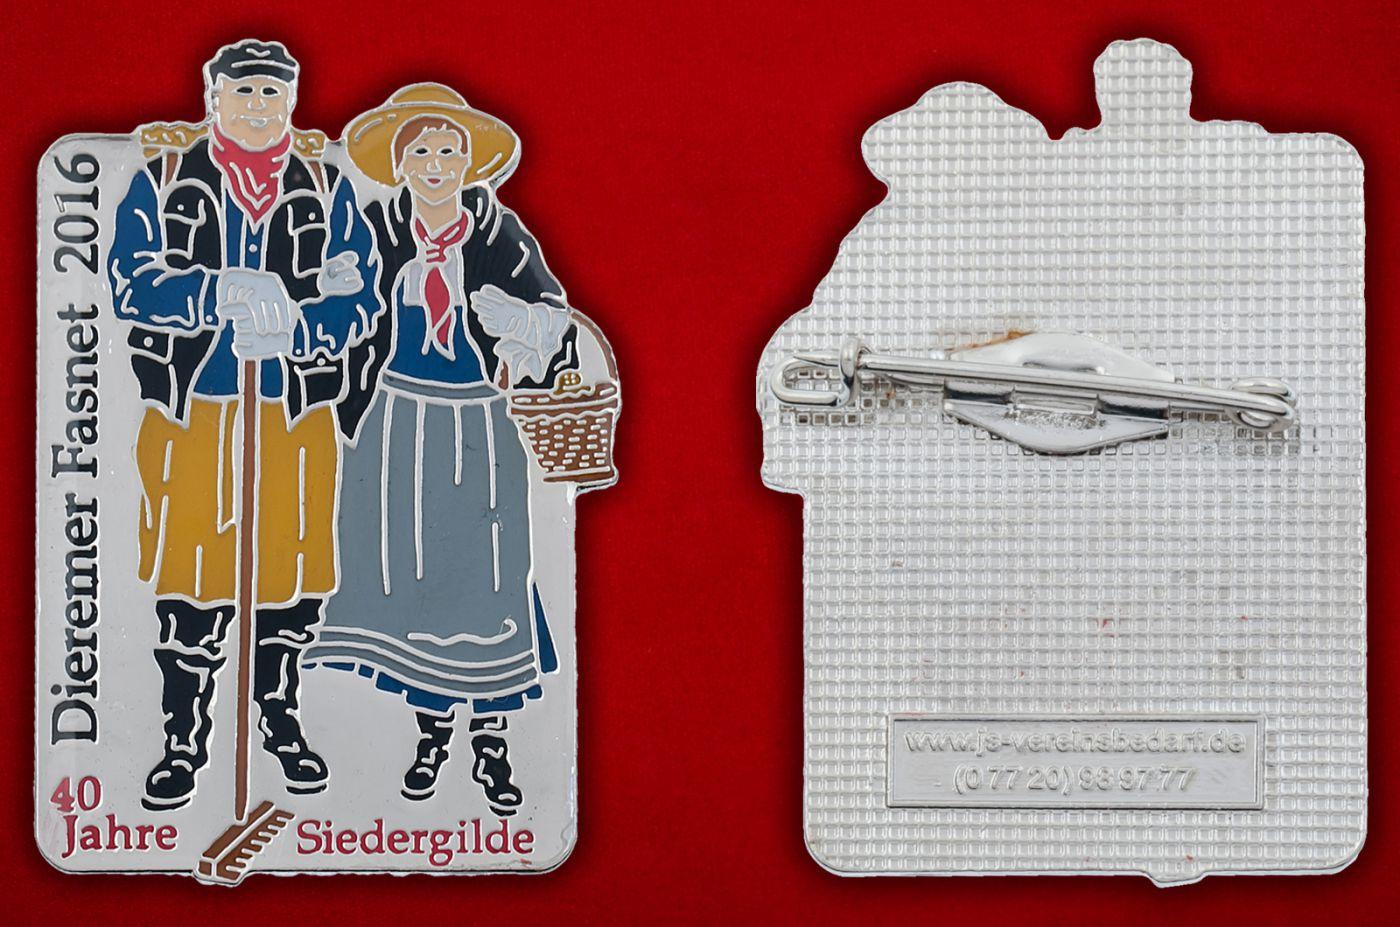 Значок карнавала в регионе Шварцвальд - аверс и реверс